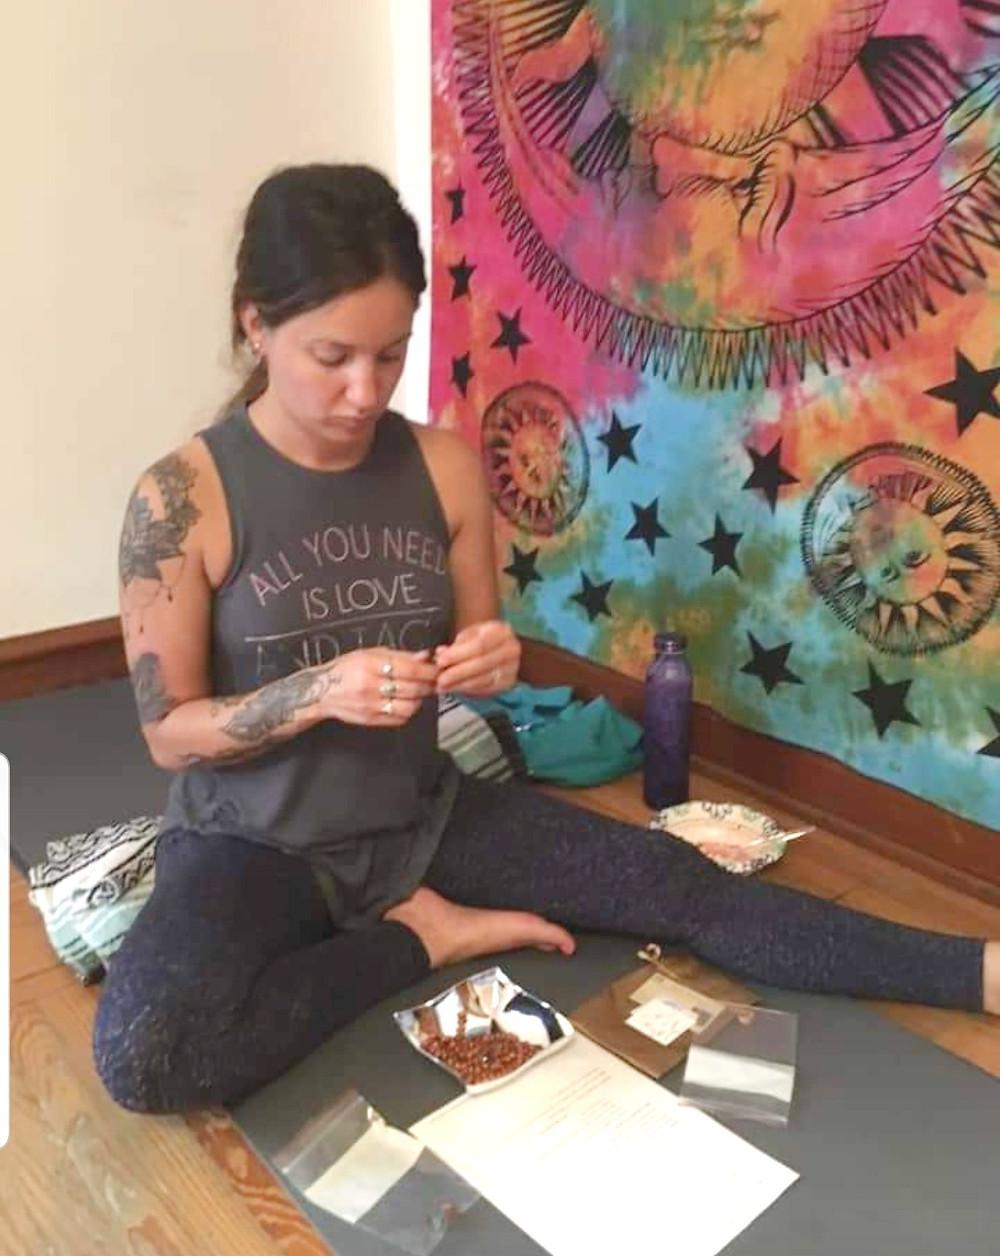 tattooed girl making jewelry, mala making process